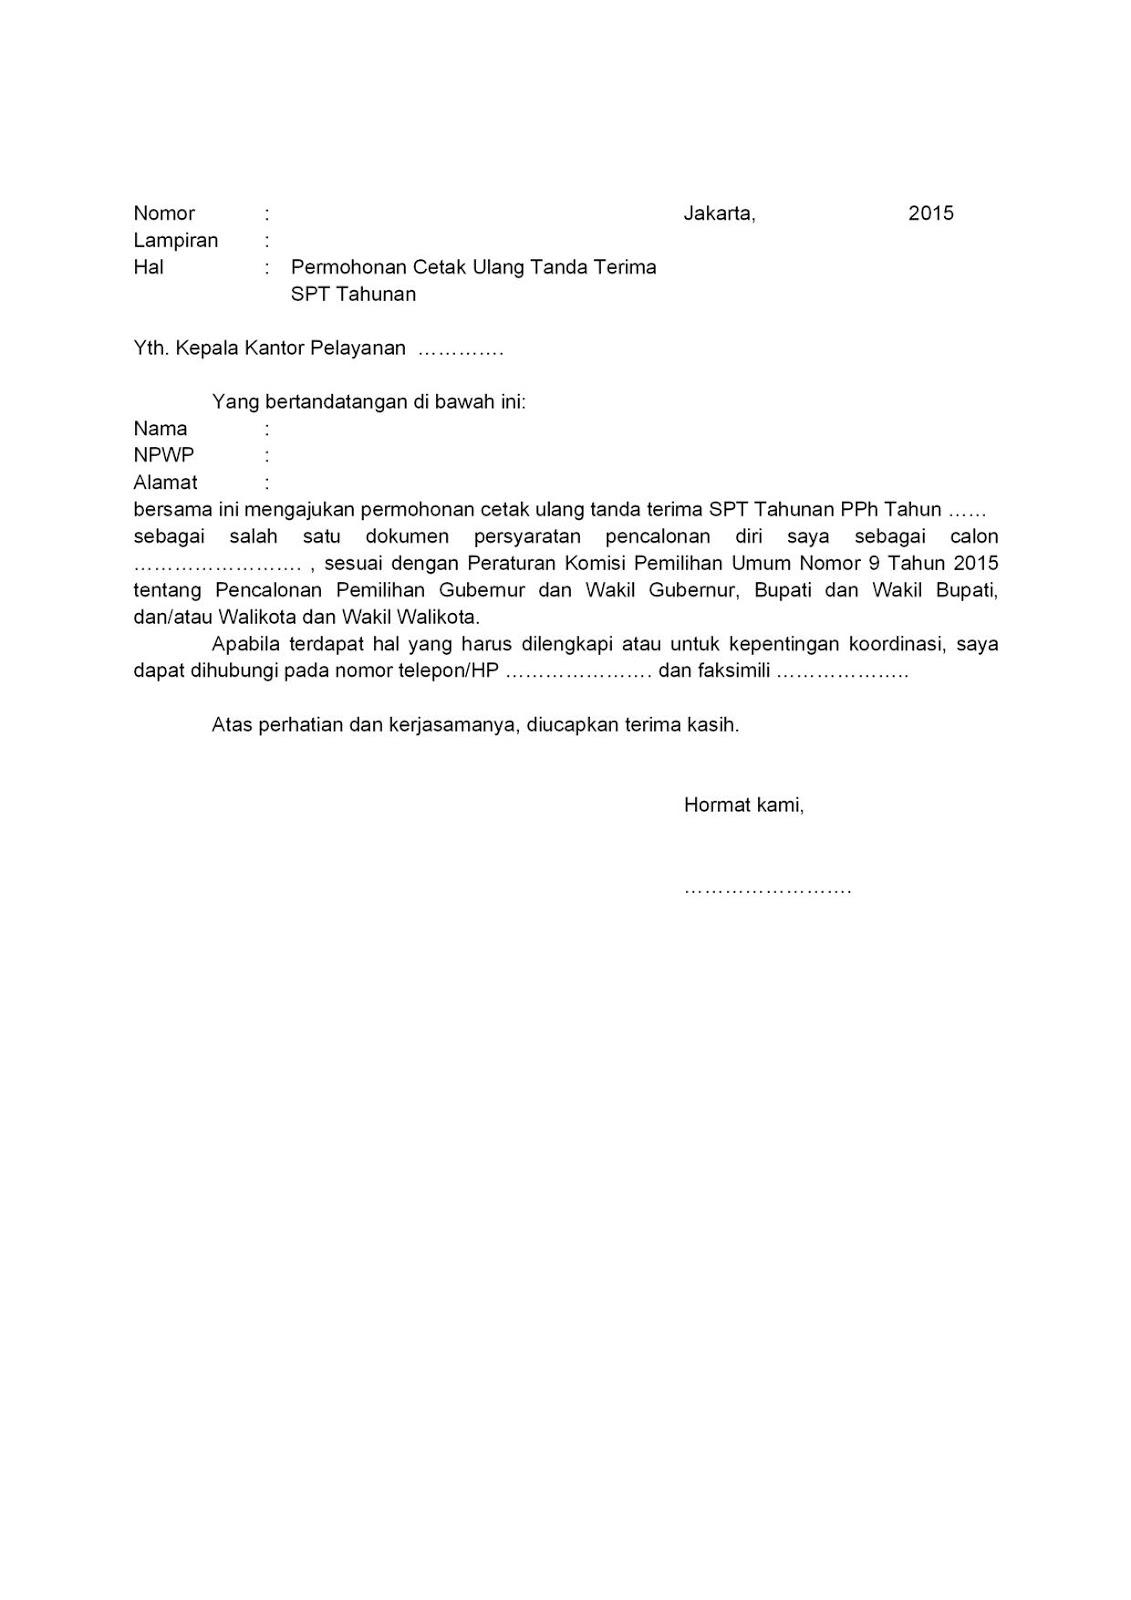 Contoh Surat Permohonan Cetak Ulang Spt Surasm